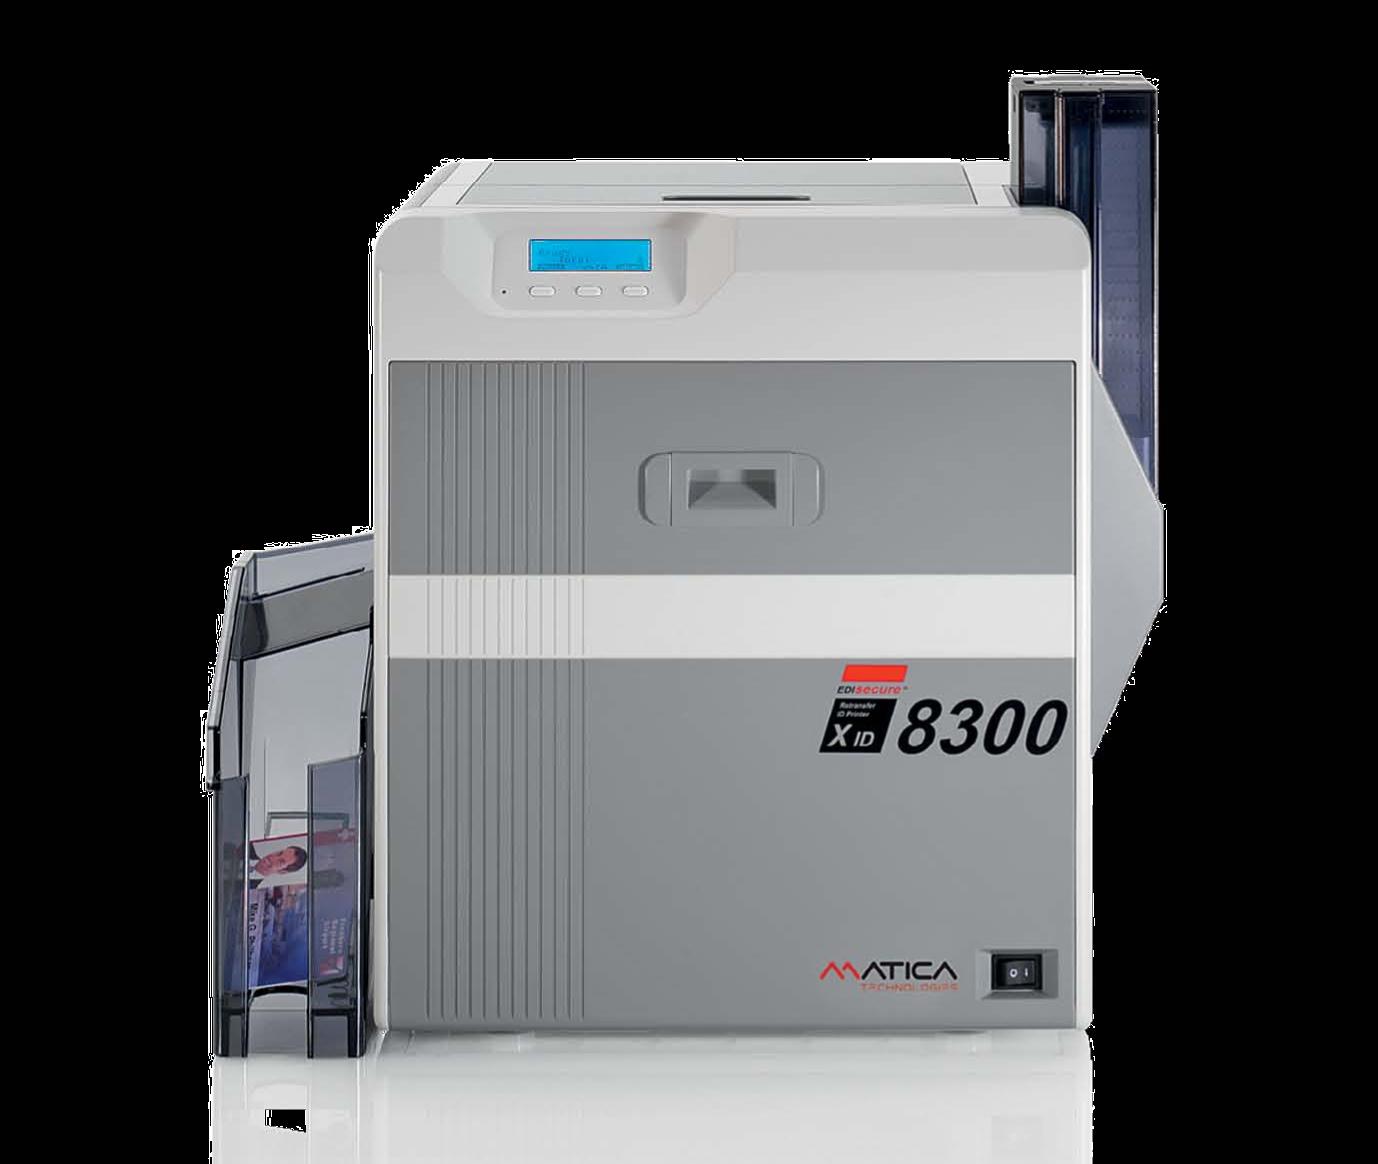 Matica XID 8300 - Impressora de Retransferência de cartões